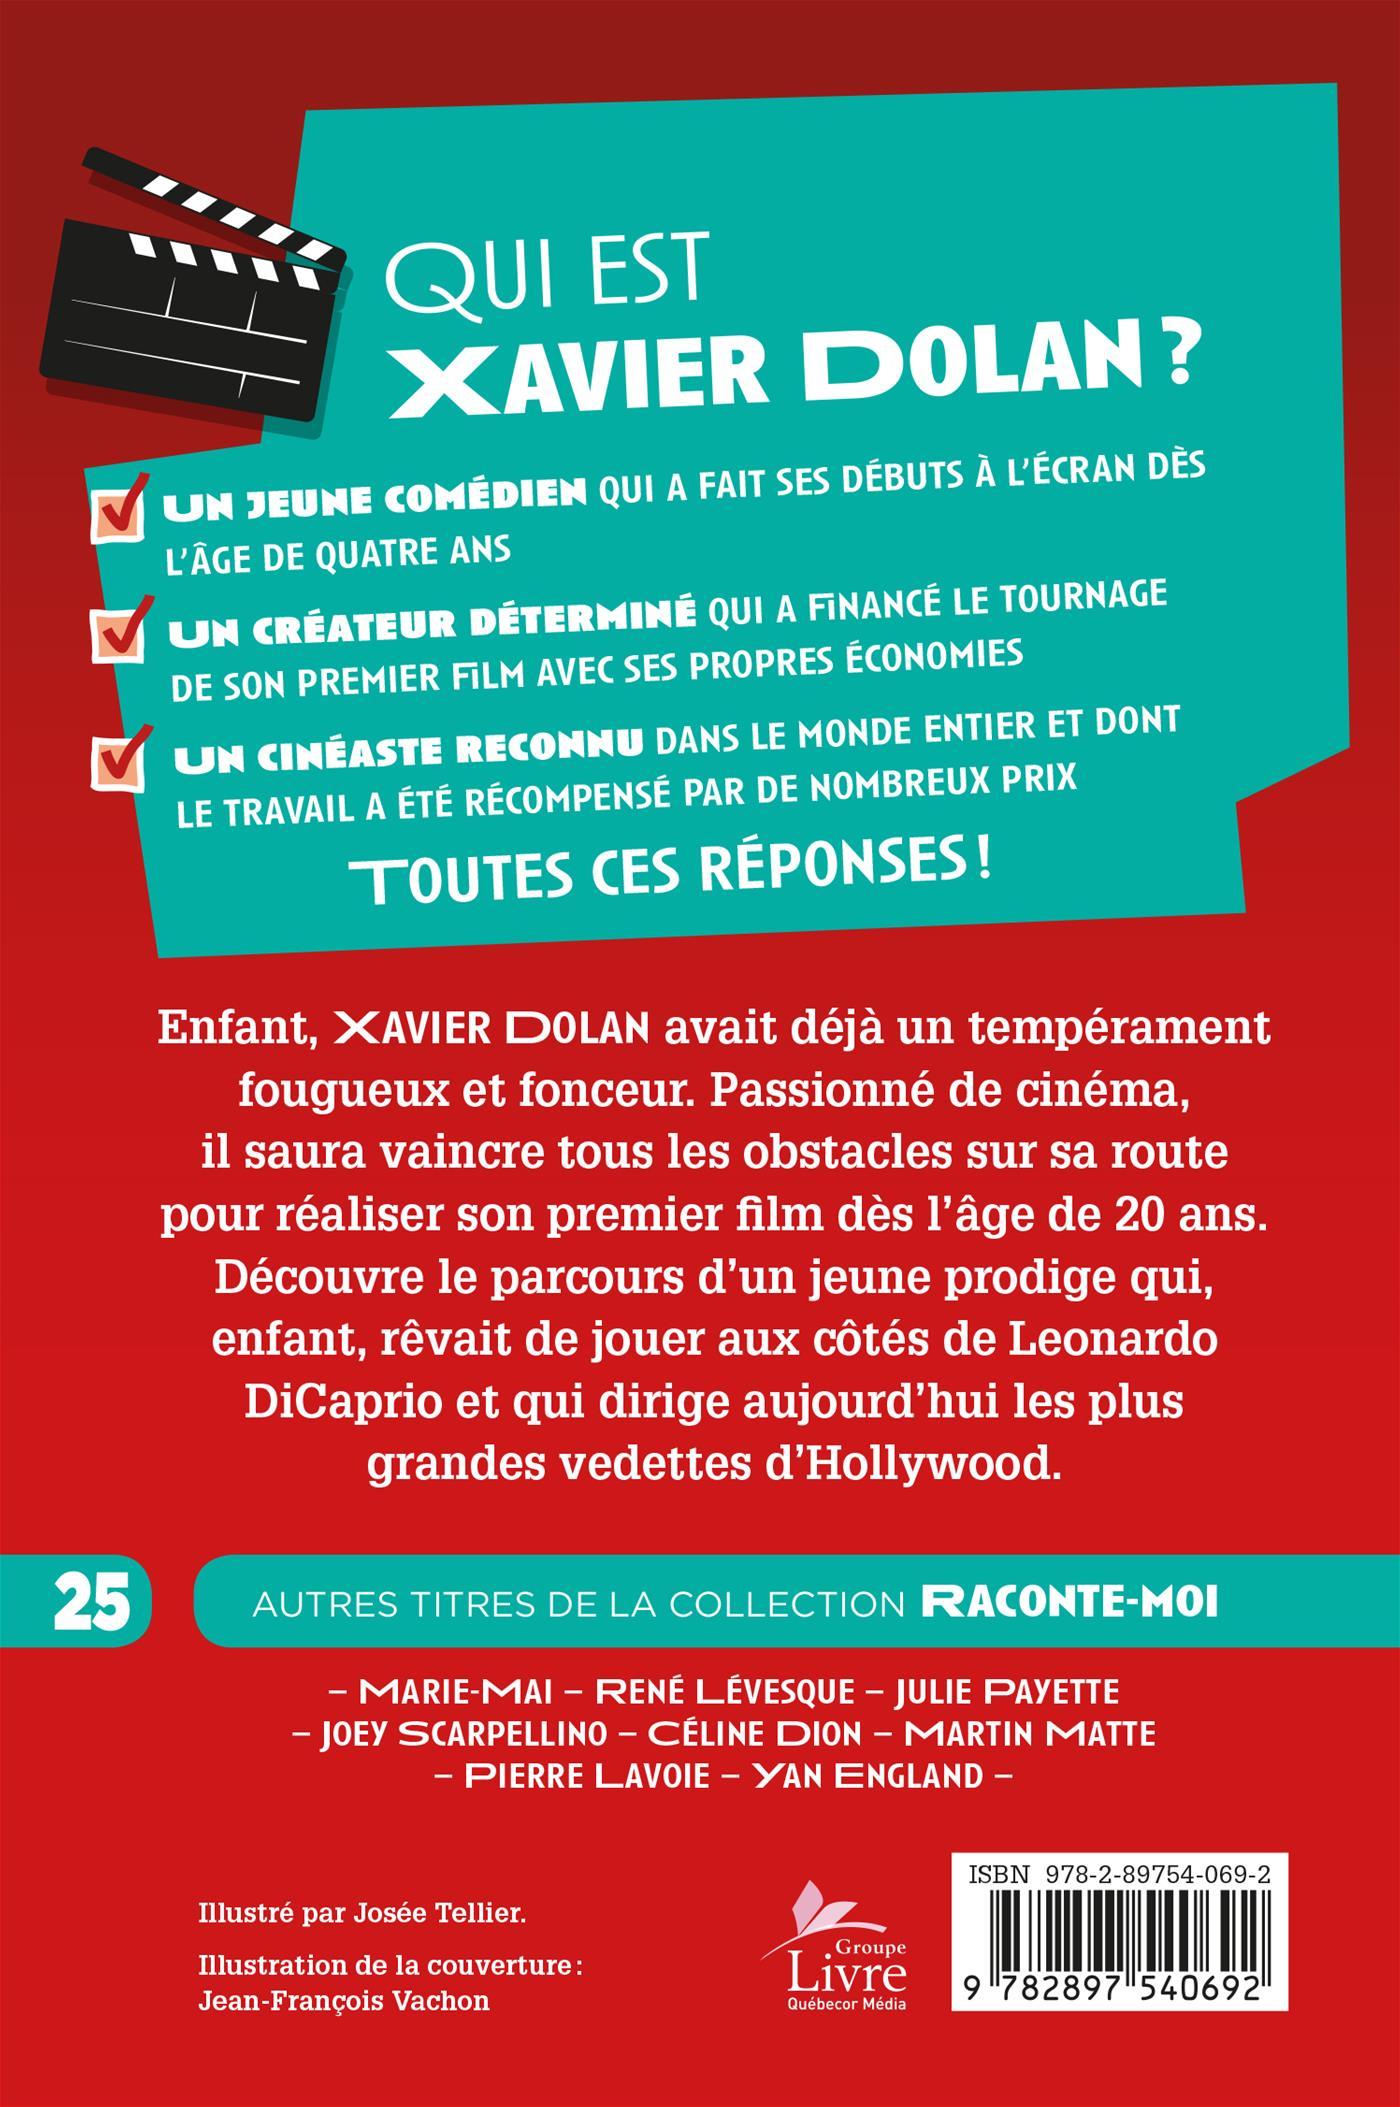 Livre Numerique Epub Raconte Moi Xavier Dolan Petit Homme